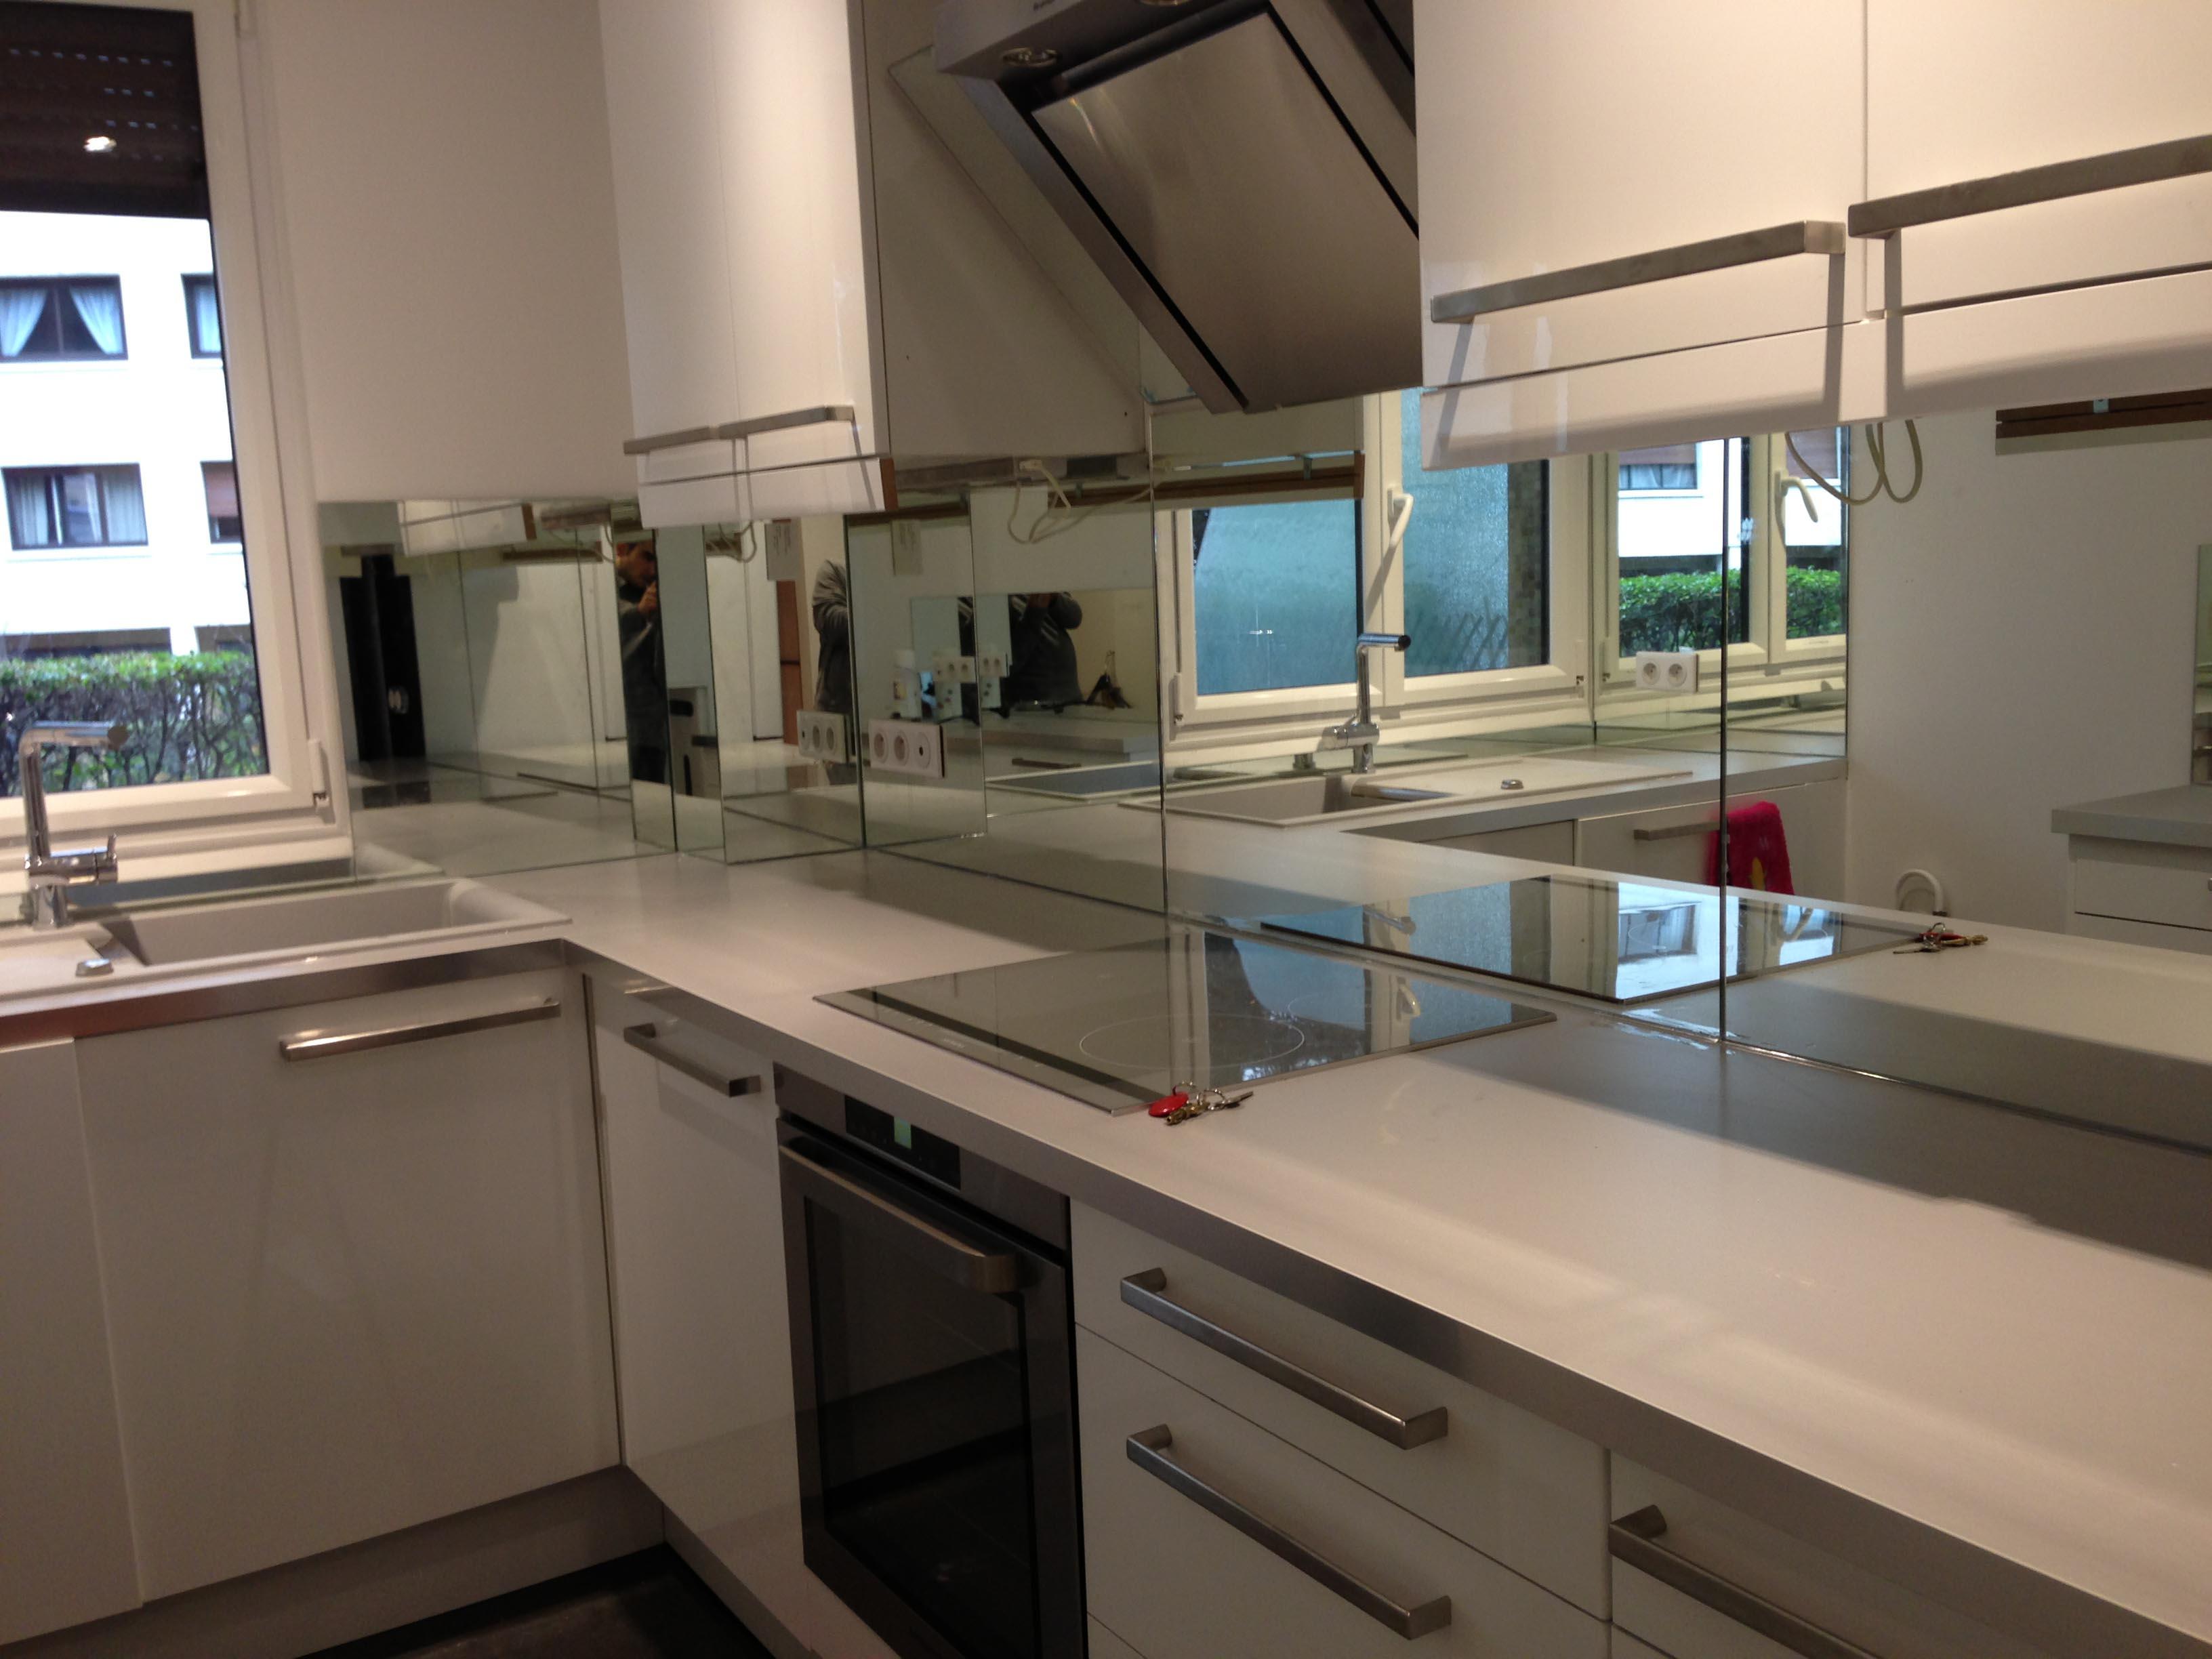 Cr dence miroir sur mesure pour votre cuisine - Credence cuisine sur mesure ...